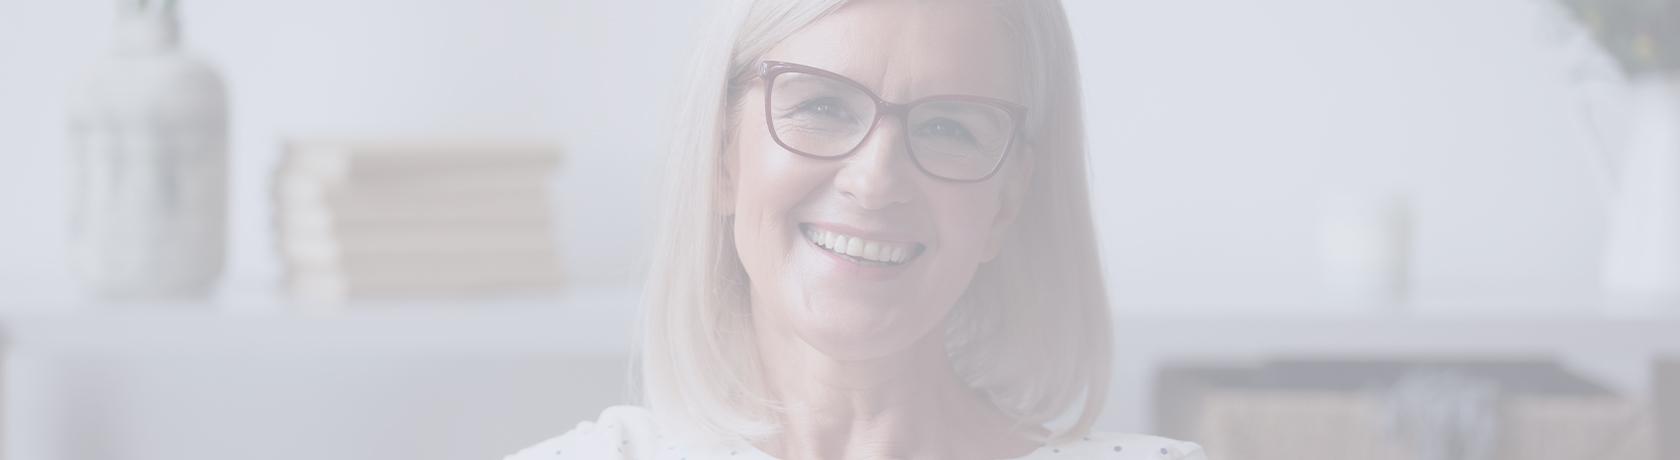 Frau die sehr glücklich wirkt und uns Blickkontakt schenkt